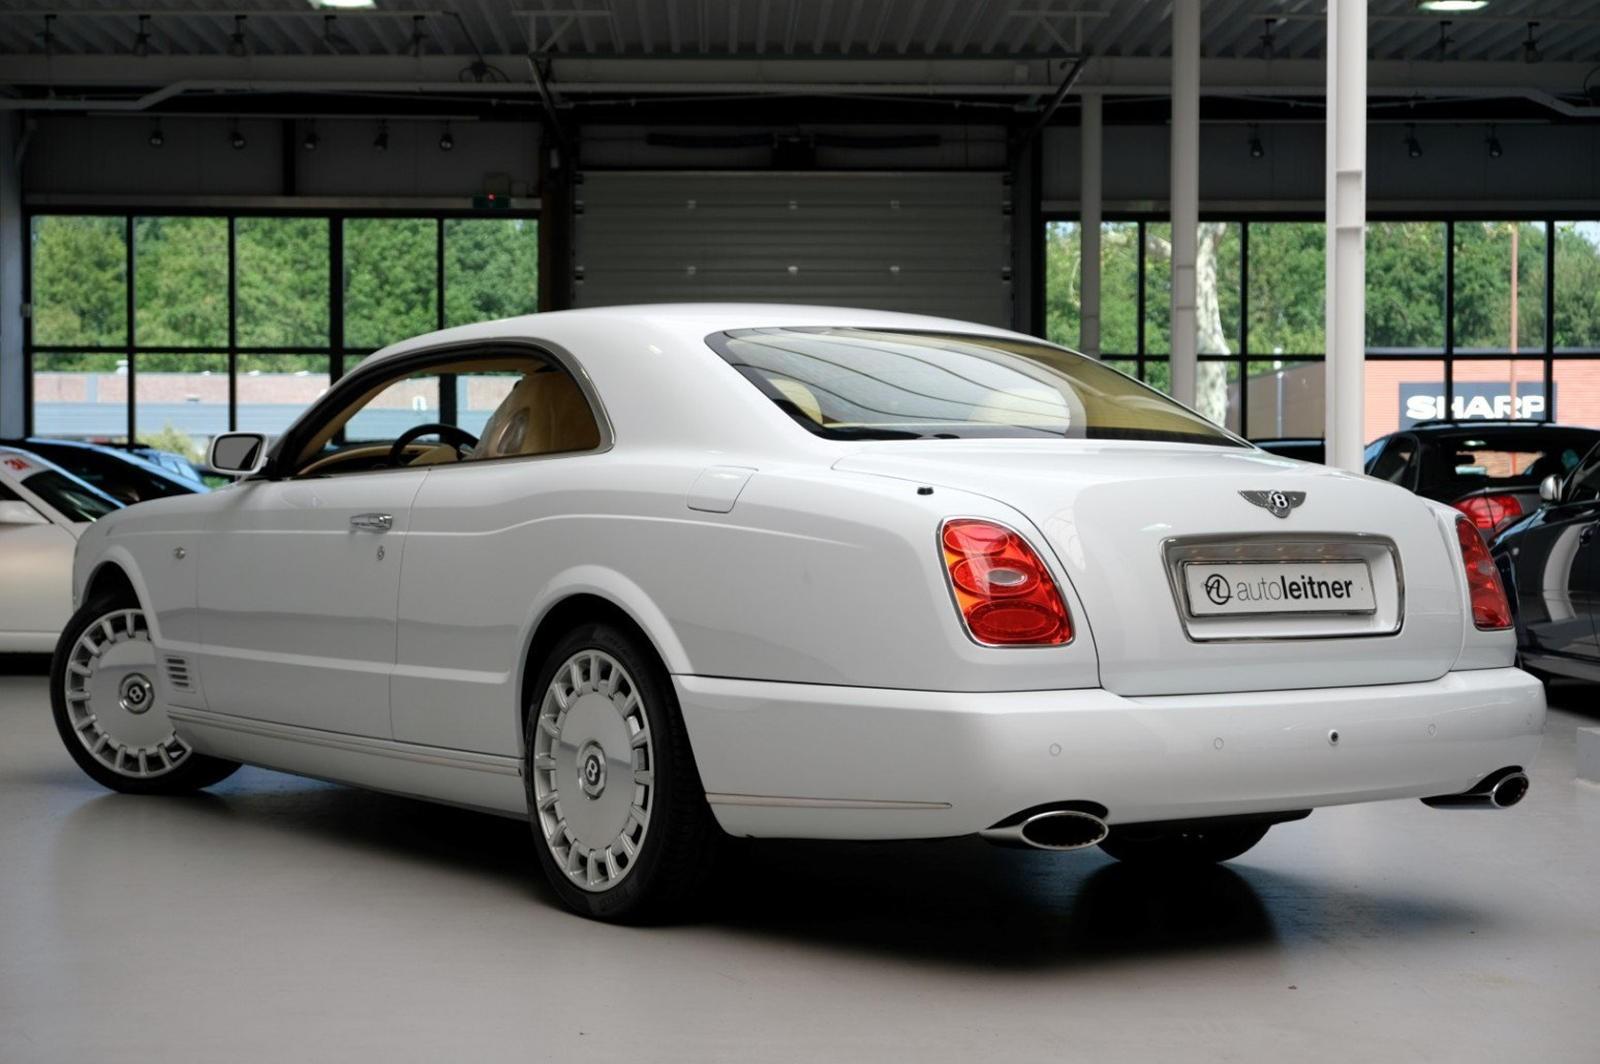 Chiếc Bentley Brooklands này tuy là xe cũ nhưng có giá cao